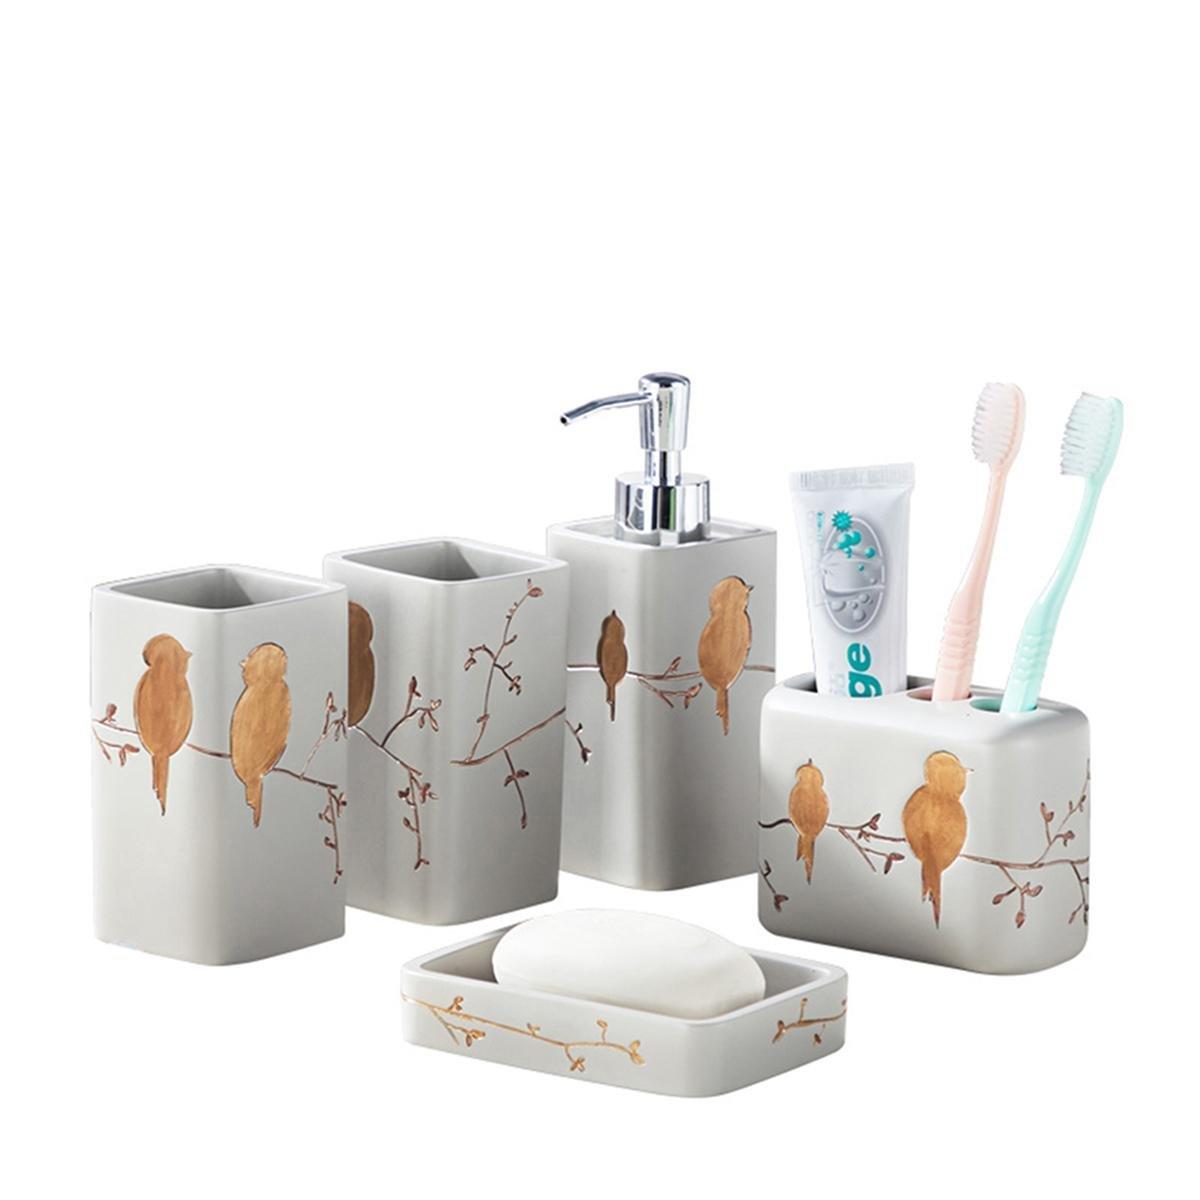 PLYY Conjunto de Cinco Piezas de Baño Birdie Accesorios de Baño Set de Regalo de Baño Jabonera, Dispensador de Loción, Portacepillos y Vaso, B: Amazon.es: ...